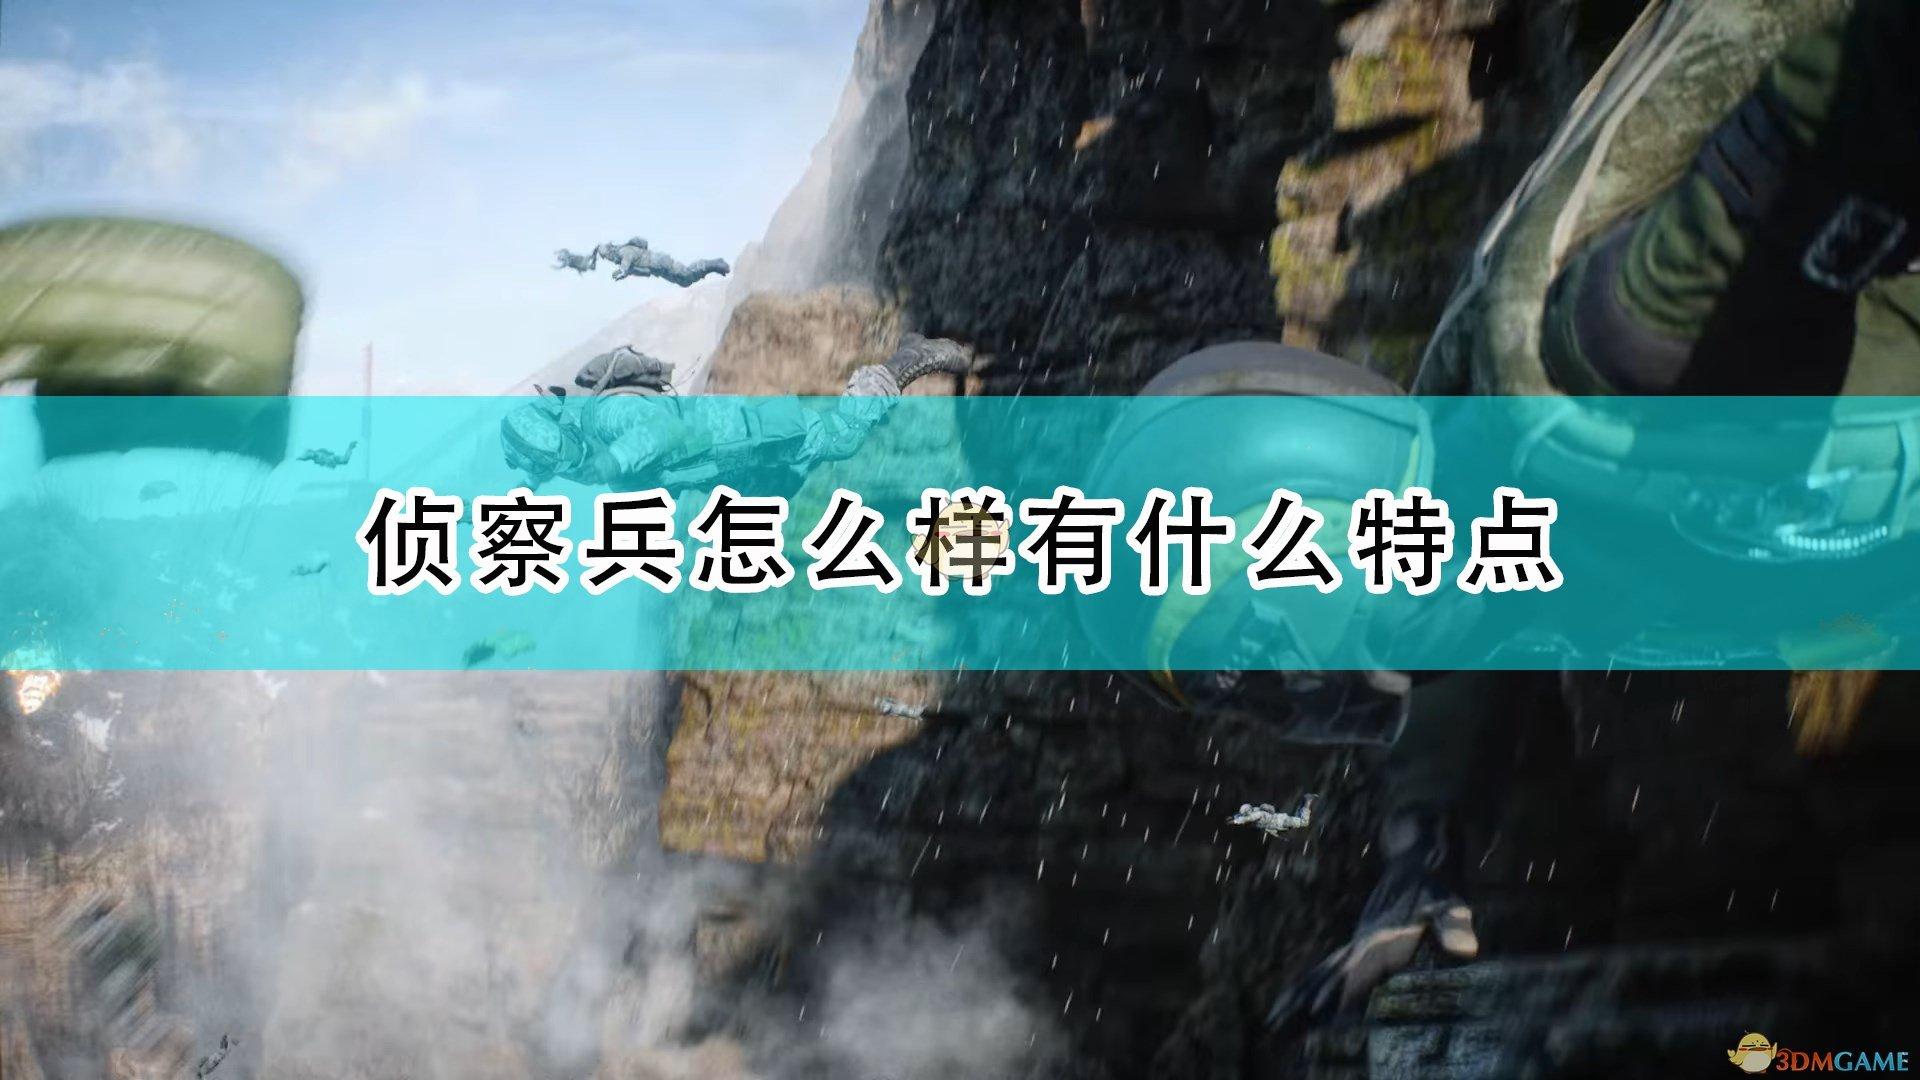 《戰地2042》偵查兵兵種介紹